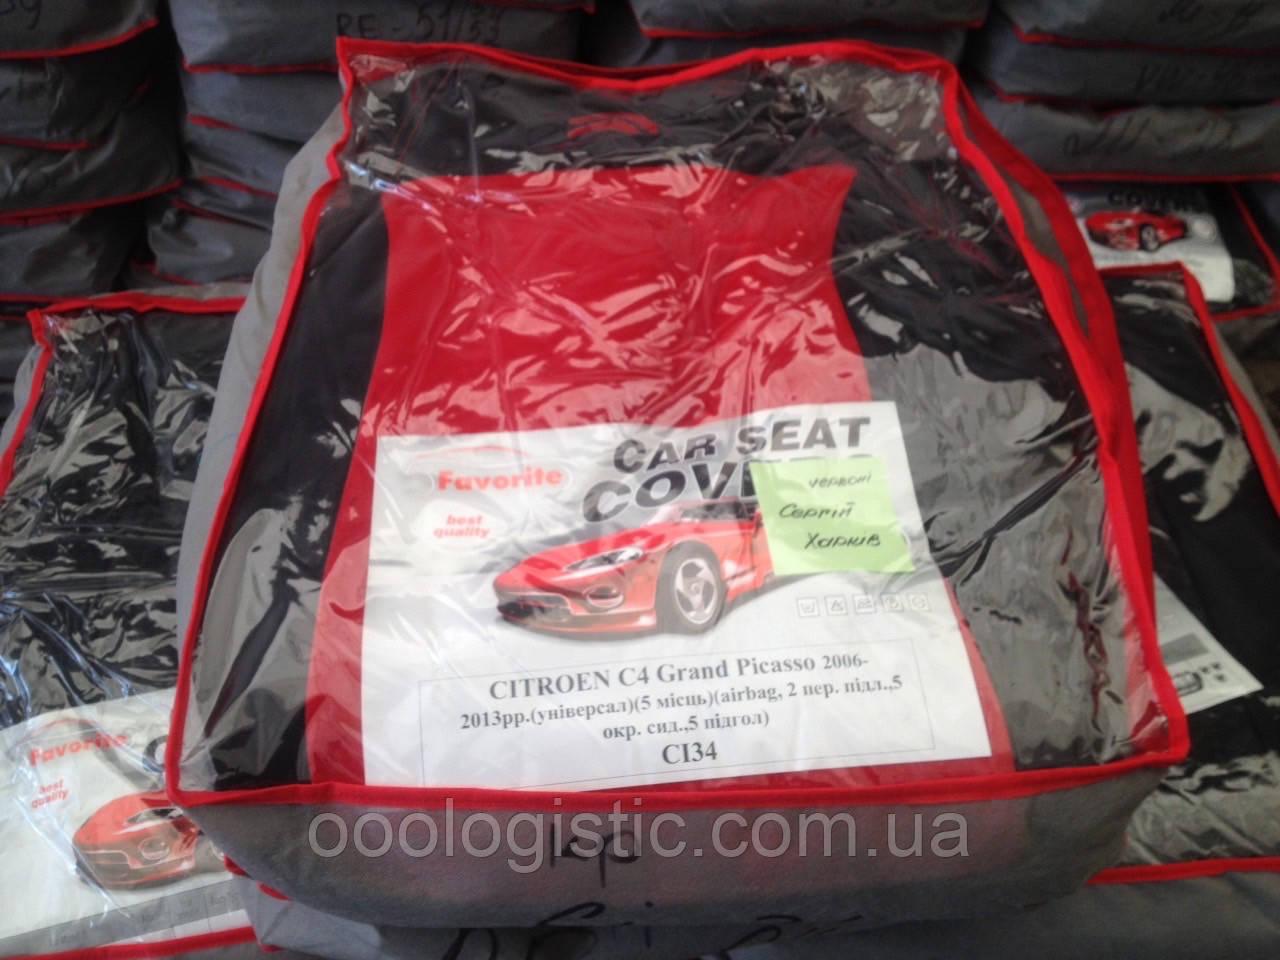 Авточохли на Citroen C4 Grand Picasso 2006-2013 Favorite універсал 5 місць